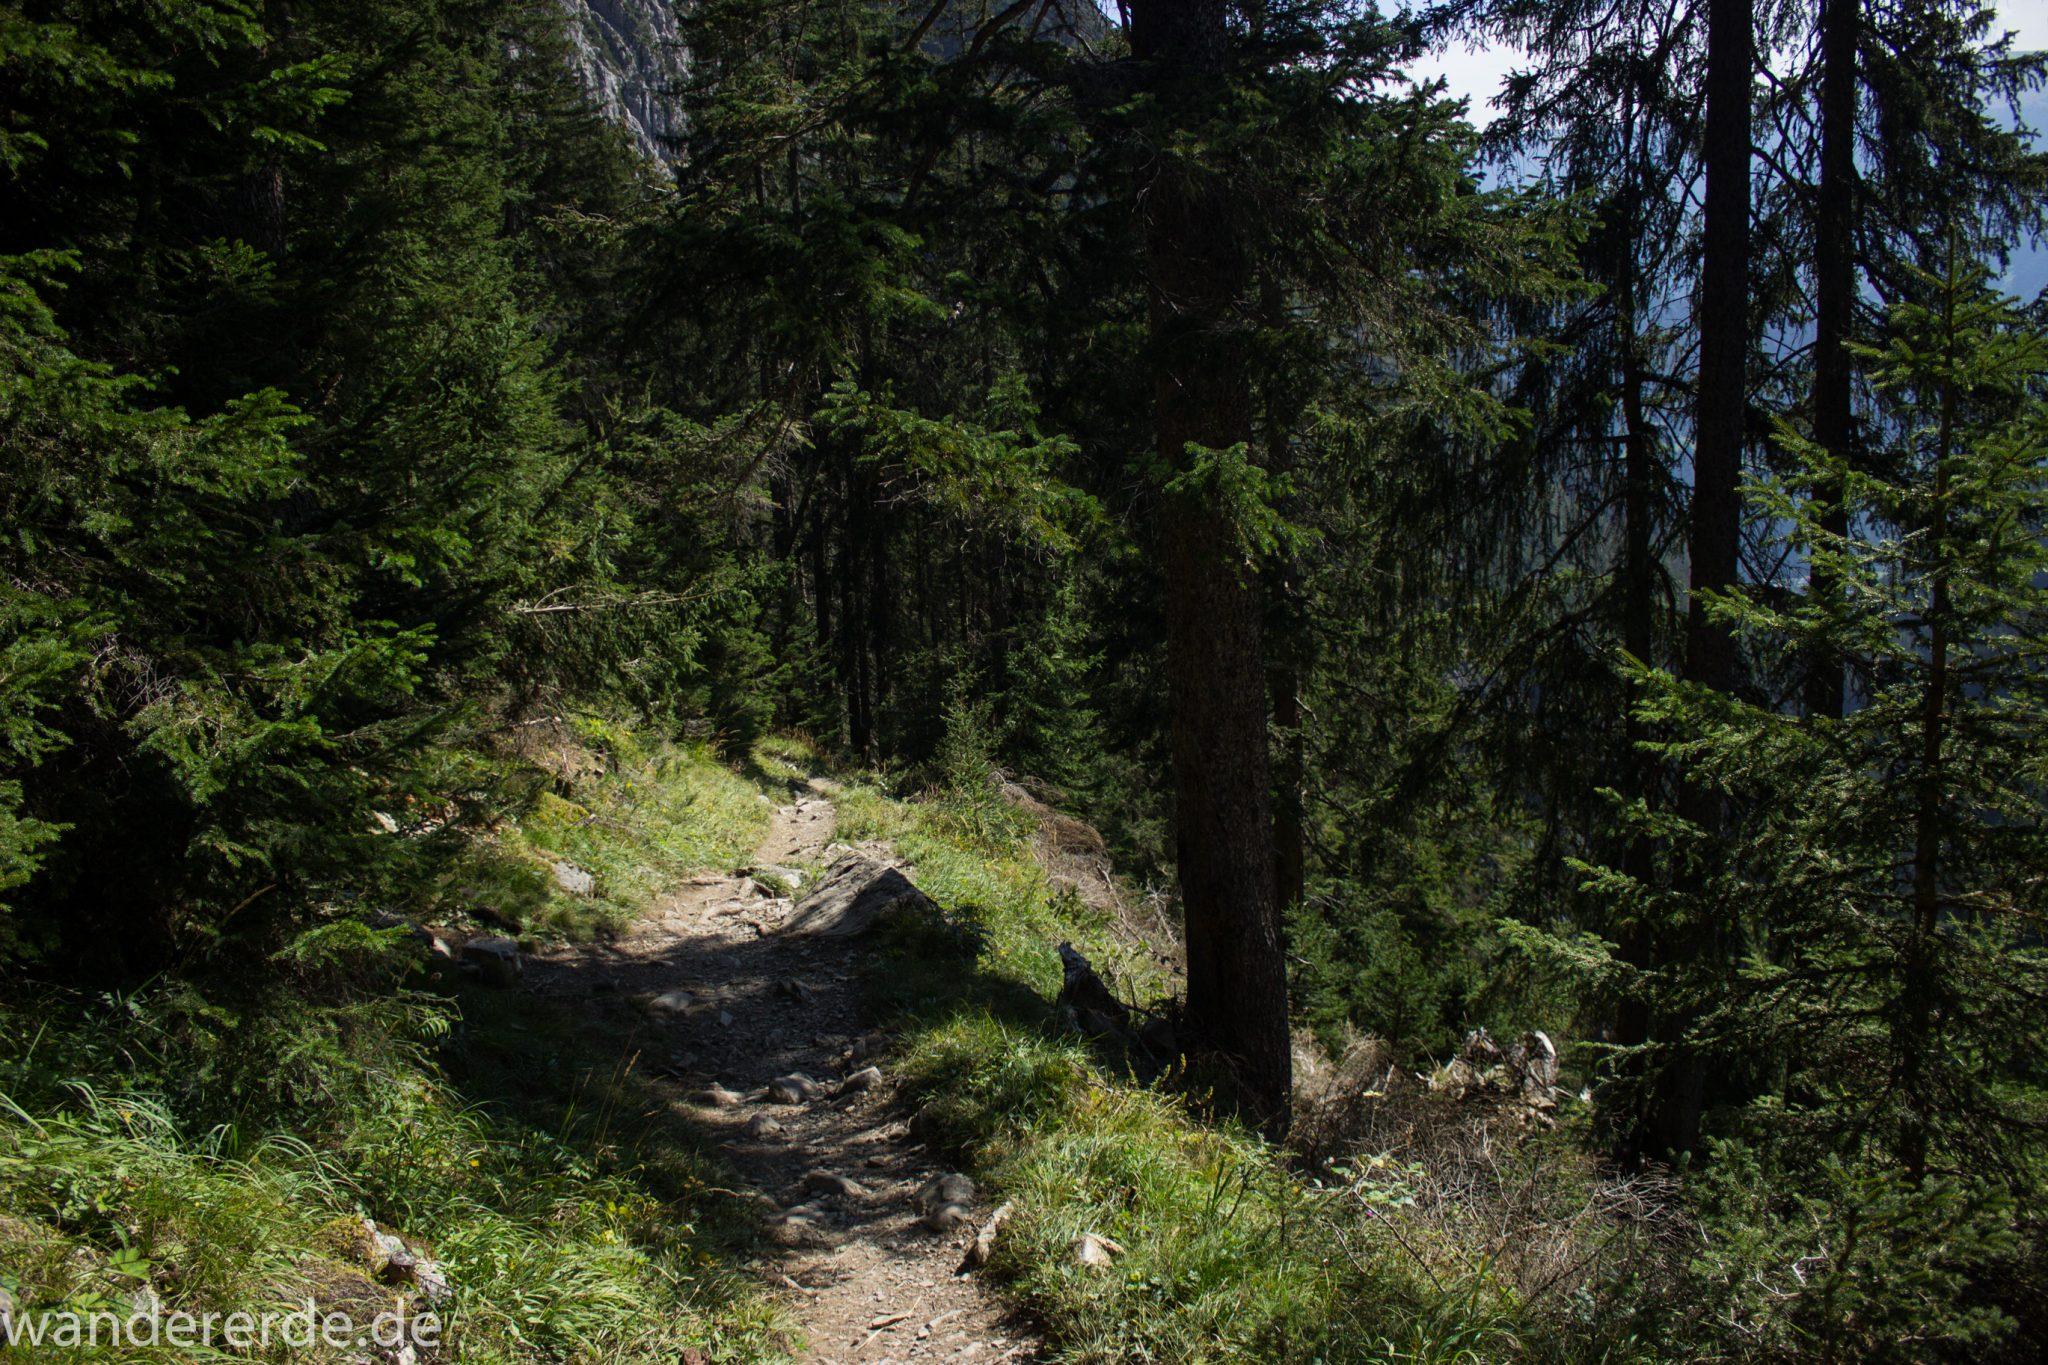 Alpenüberquerung Fernwanderweg E5 Oberstdorf Meran, 3. Etappe von Memminger Hütte zur Skihütte Zams, nach Erreichen der Seescharte folgt ein sehr langer Abstieg auf schmalem Wanderpfad Richtung Zams durch das Zammer Loch, Abschnitt  mit saftig grüner Vegetation, viele Bäume spenden Schatten, Wanderweg ist schmal und zunehmend wieder steiler